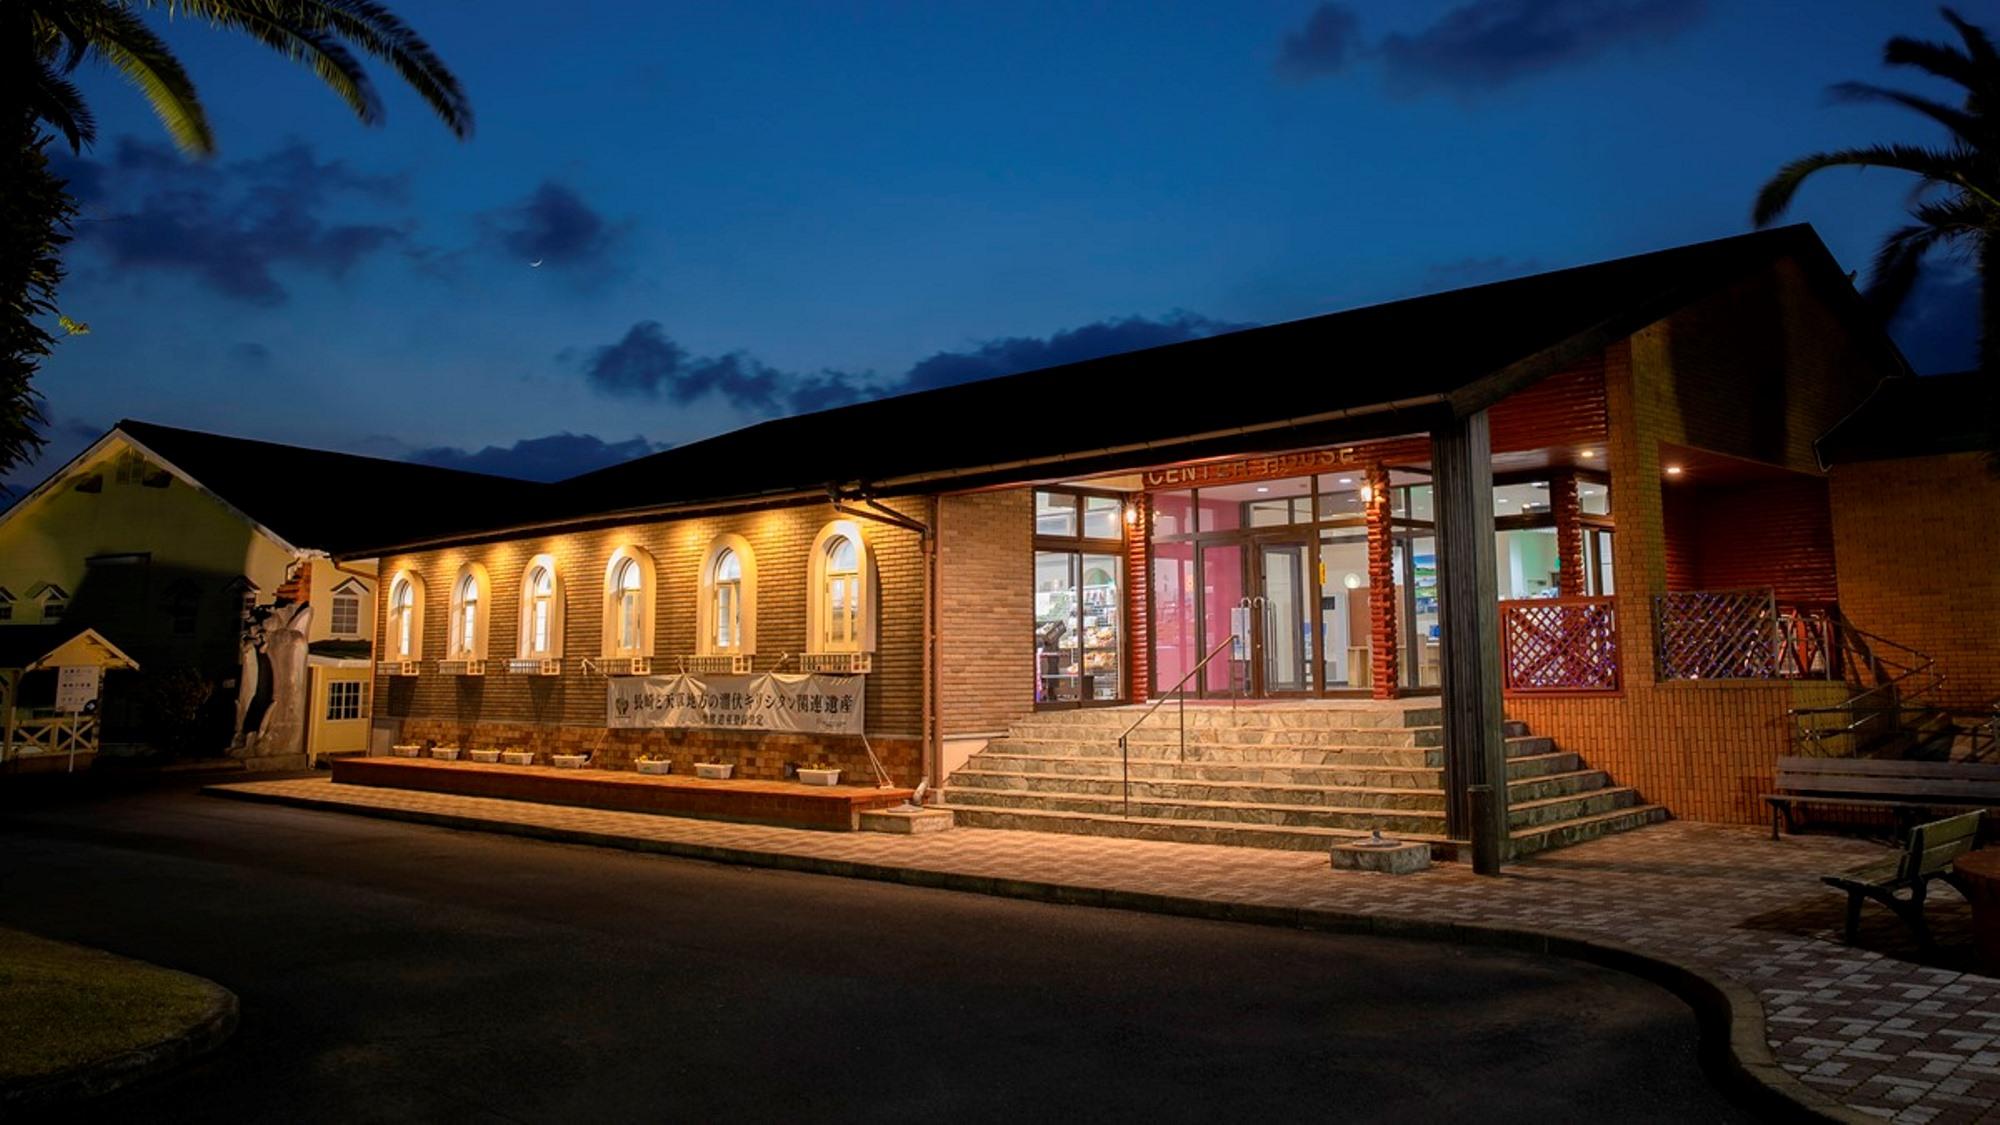 鬼岳温泉 五島コンカナ王国 WINERY & RESORT <五島・福江島>の施設画像